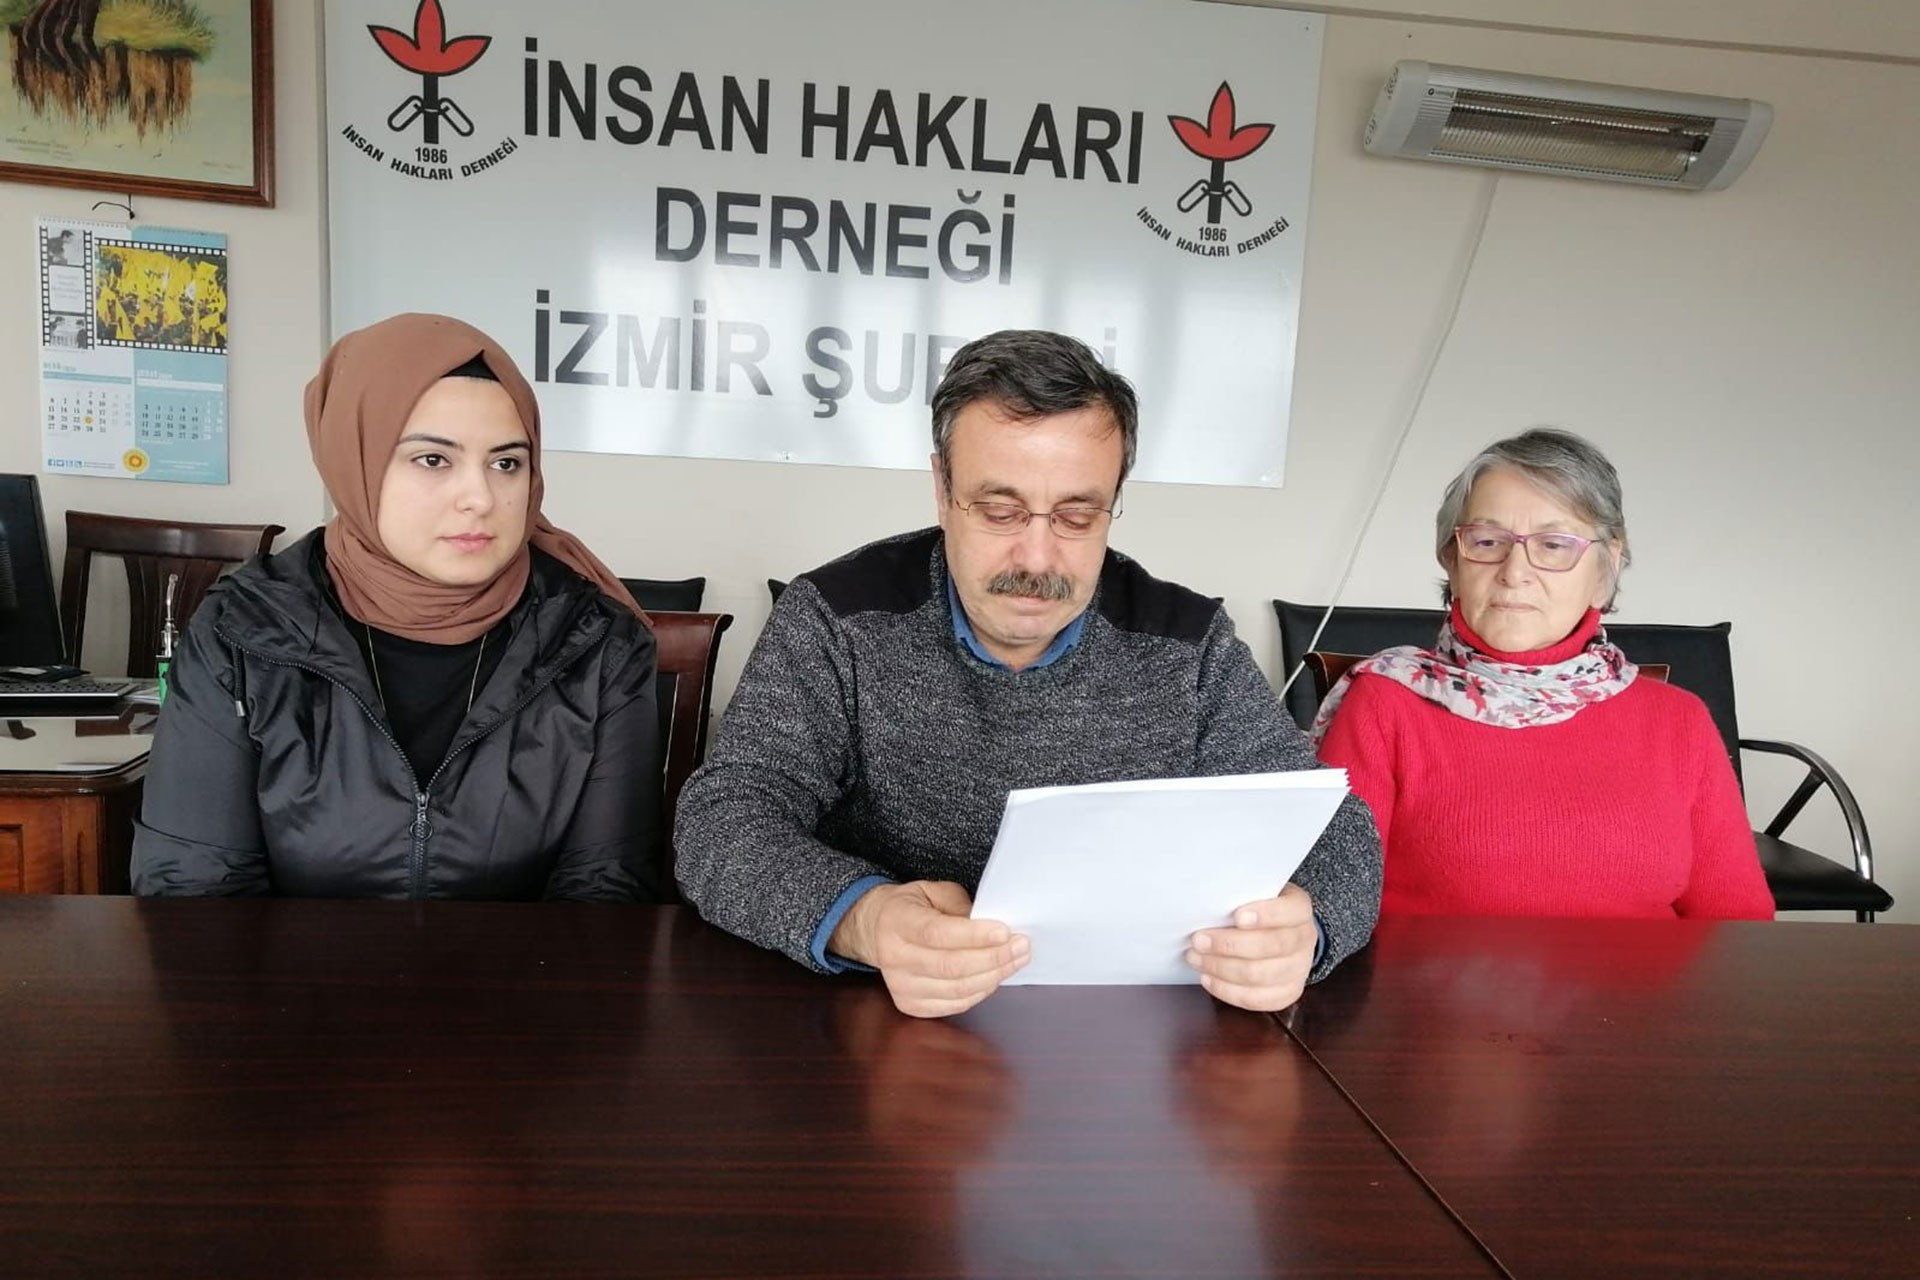 İHD İzmir Şubesi mülteci hak ihlalleri raporunu açıklarken